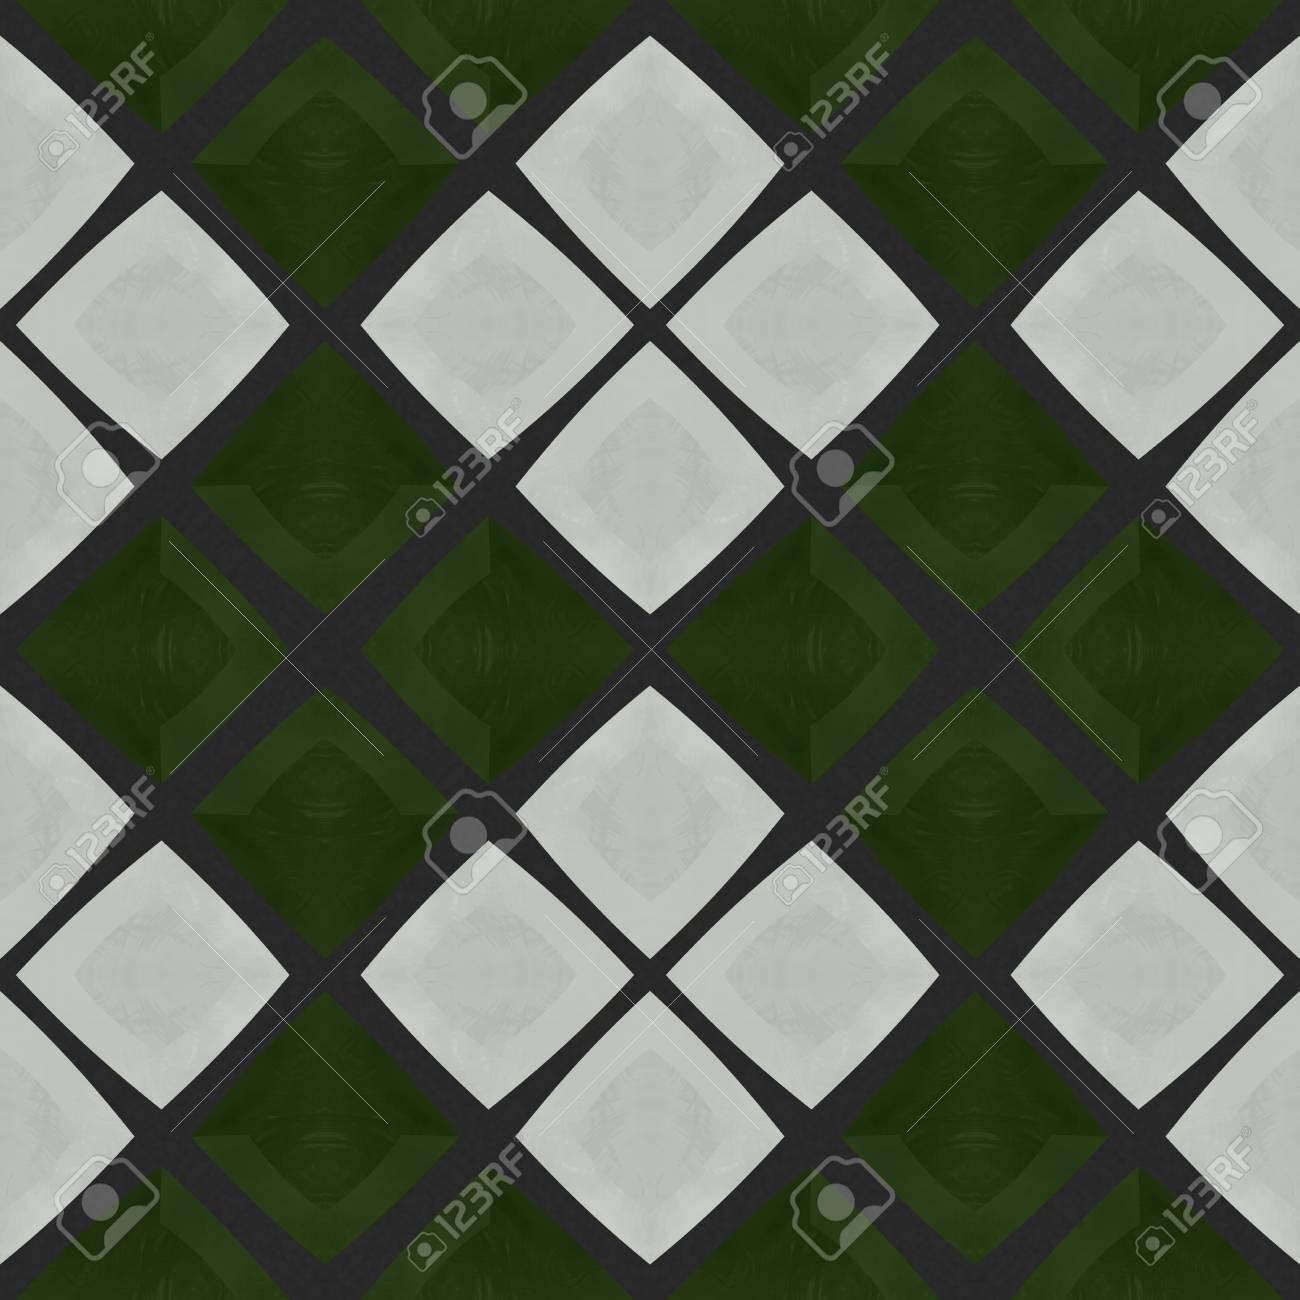 Zusammenfassung Karierten Grun Grau Mosaik Fliesen Muster